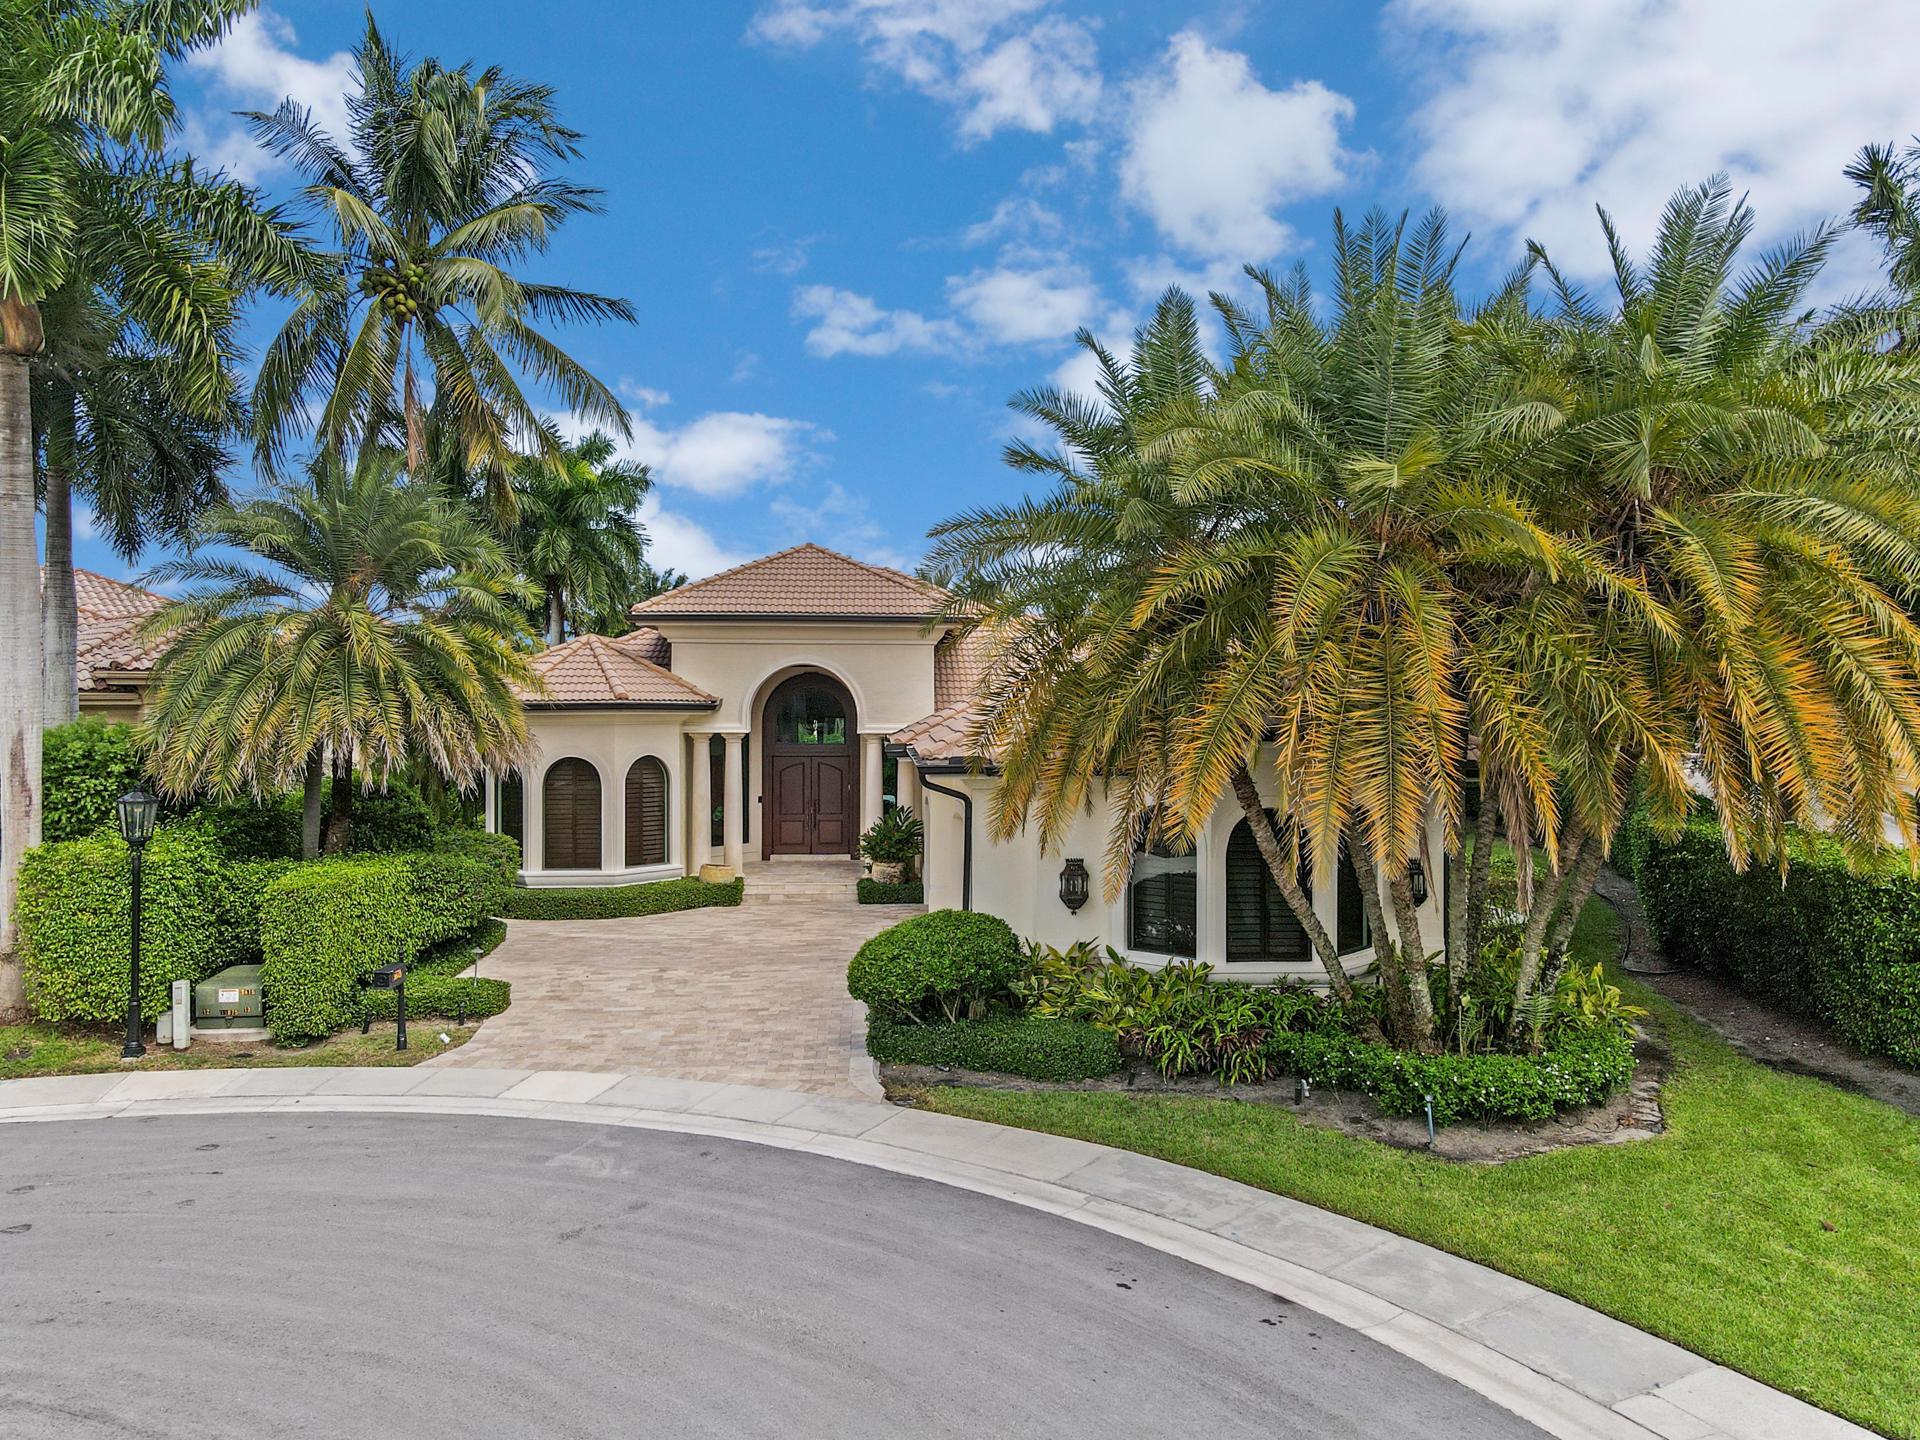 3843 Landings Drive Boca Raton, FL 33496